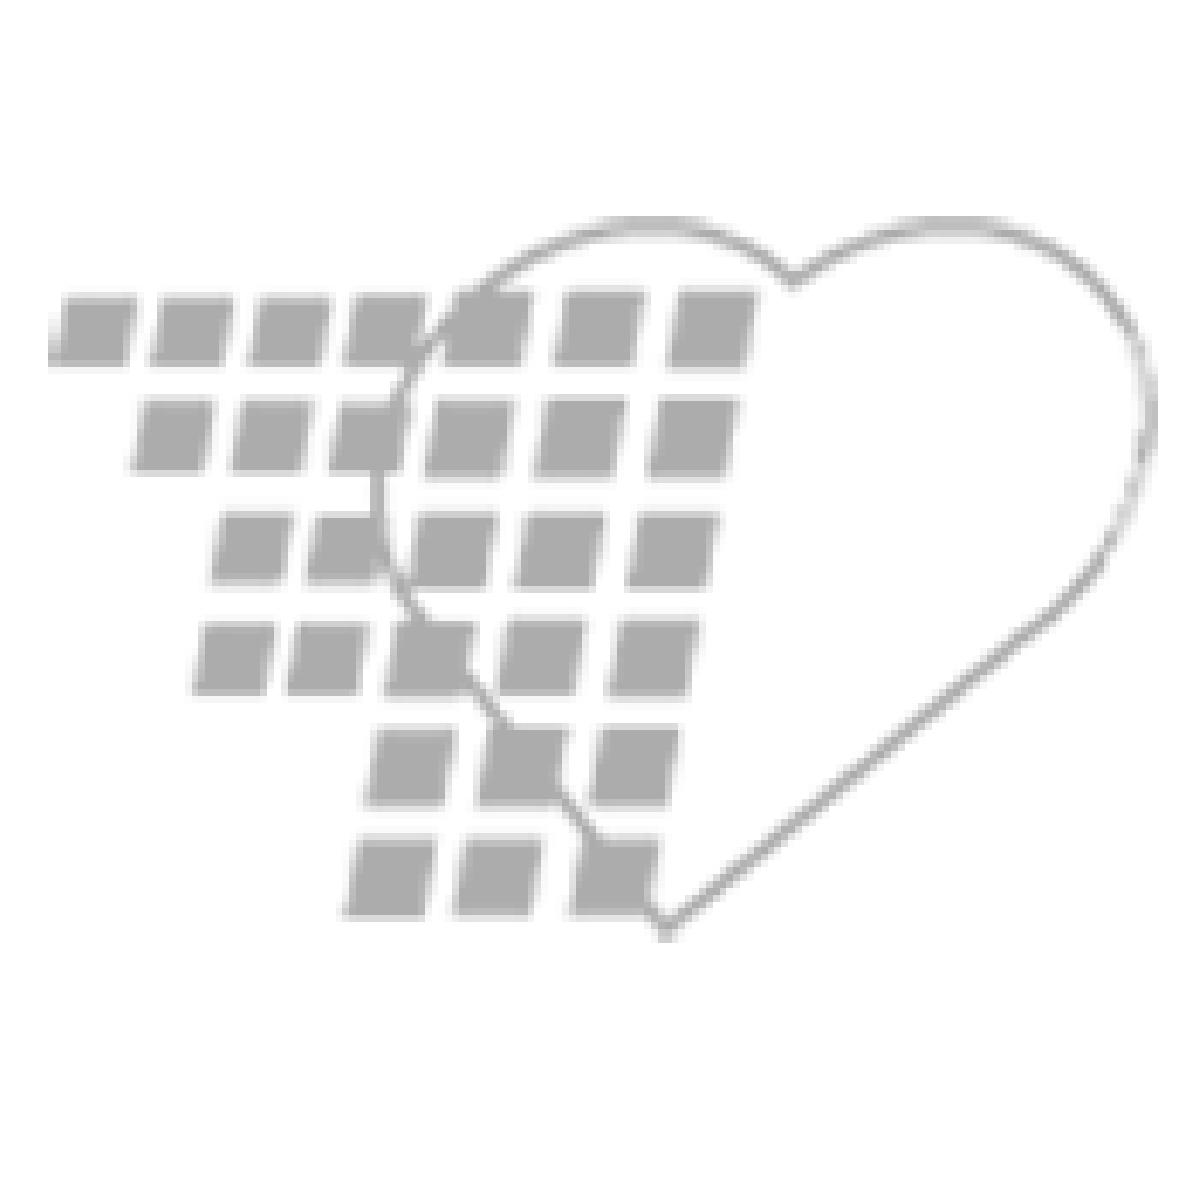 06-93-8101 Demo Dose® Amidat Etomidat 2 mg mL 10 mL